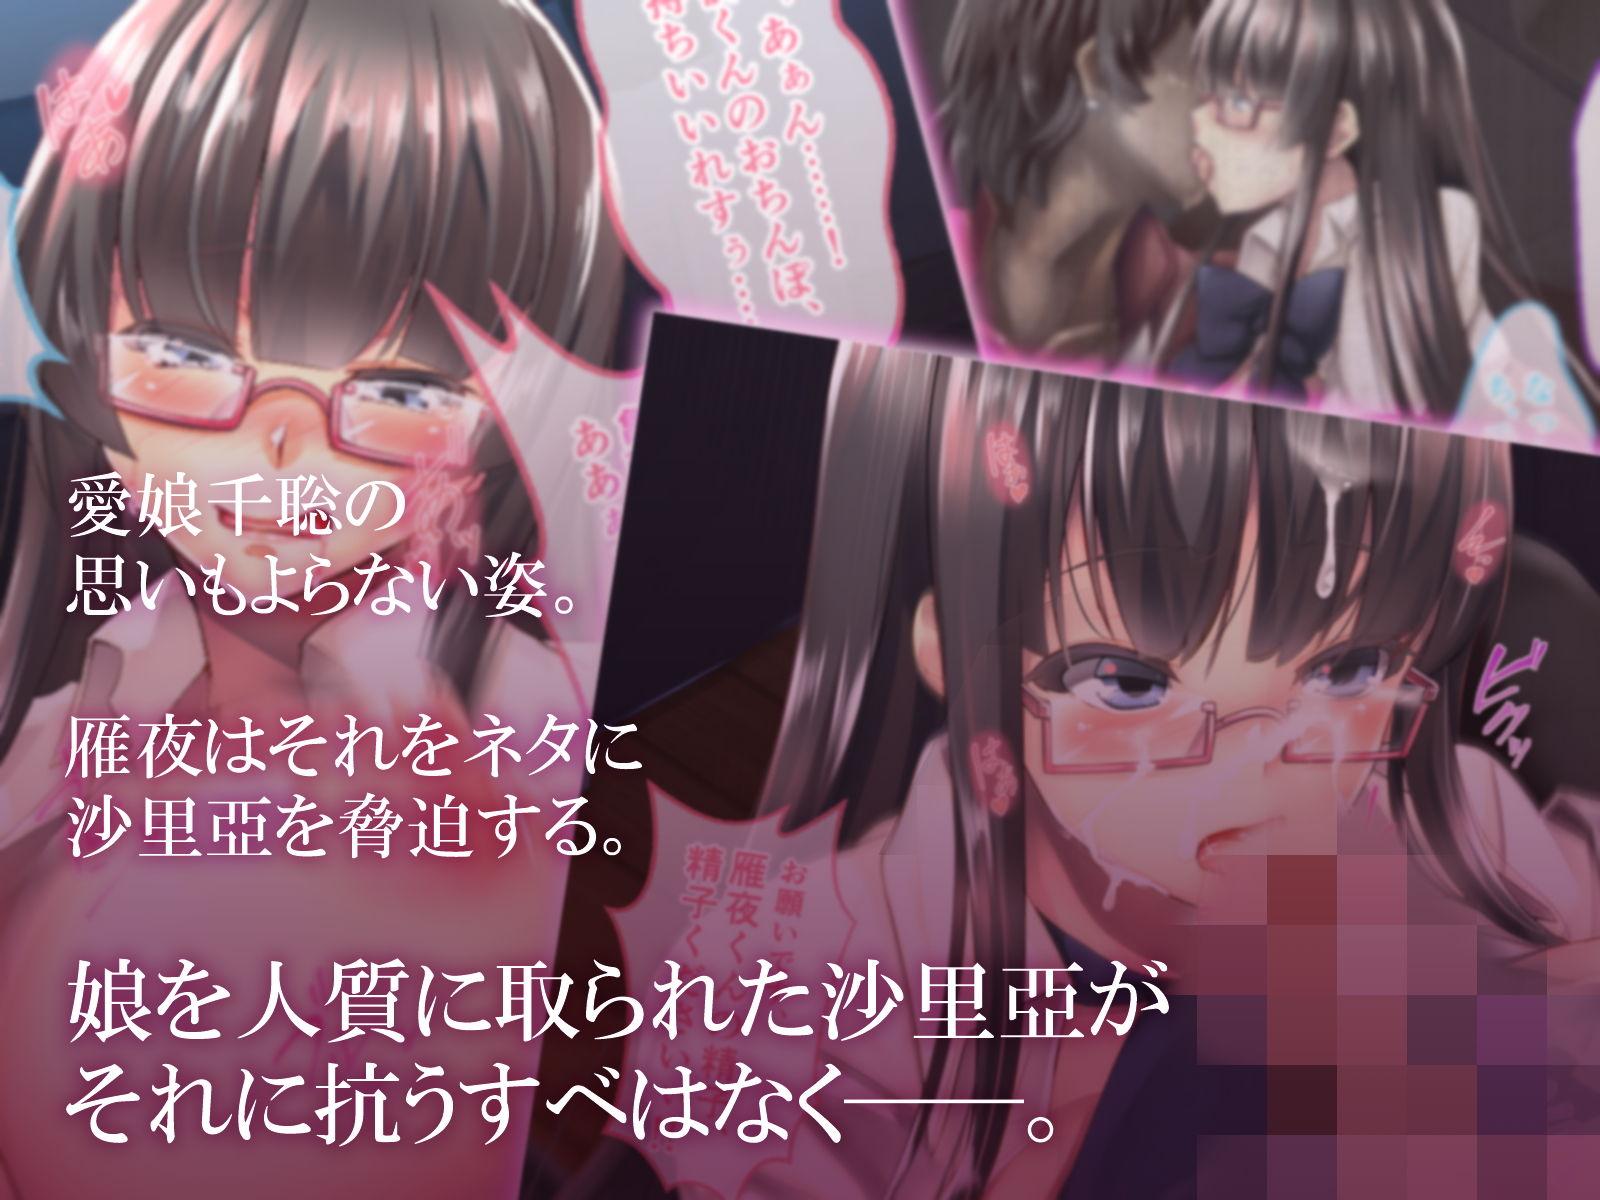 絶対奴●宣言〜真面目母娘の淫らな調教性活〜